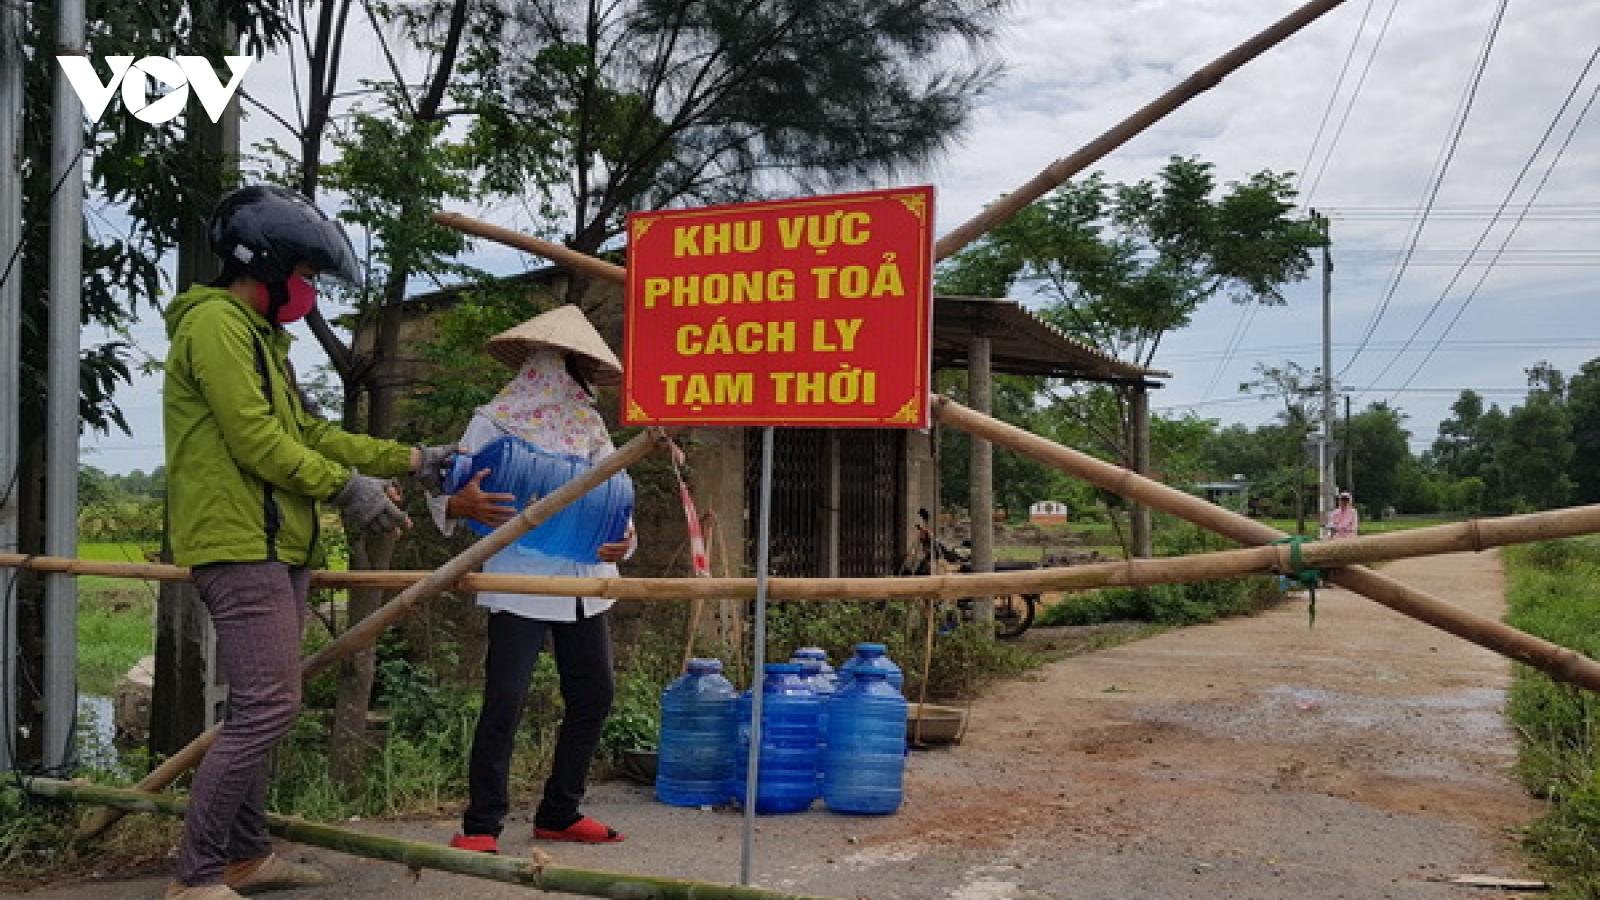 Quảng Trị dỡ bỏ phong tỏa thêm 2 khu dân cư và 1 trung tâm y tế huyện